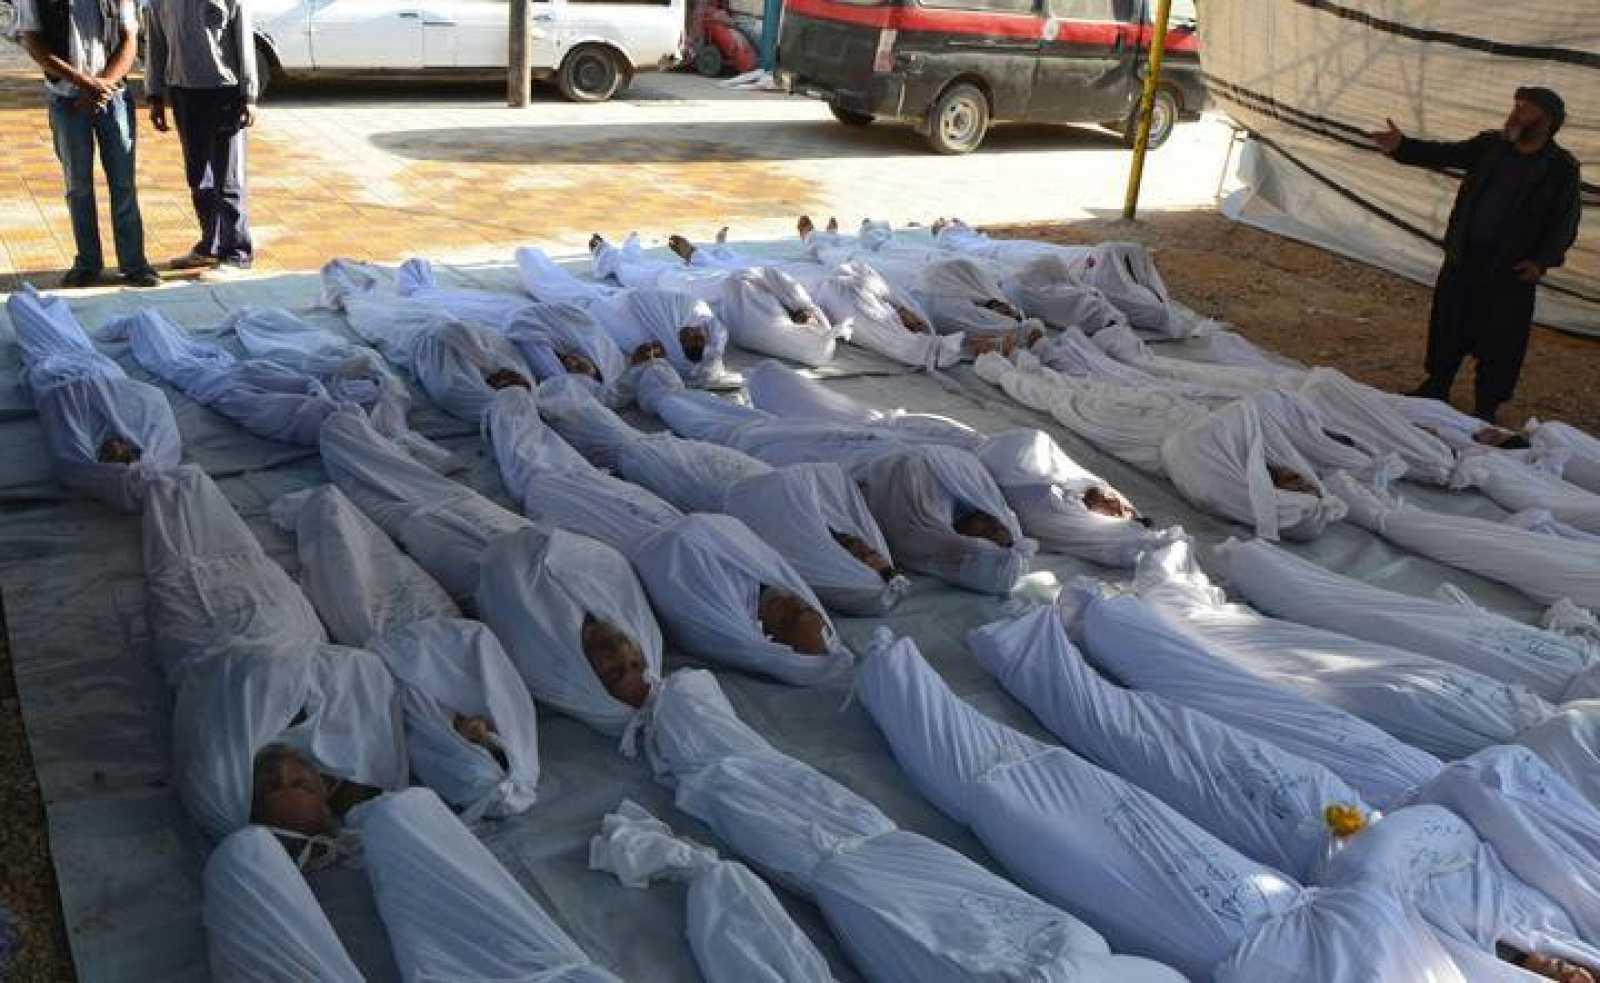 Médicos Sin Fronteras constató 355 muertos son síntomas de exposición a gases tóxicos.